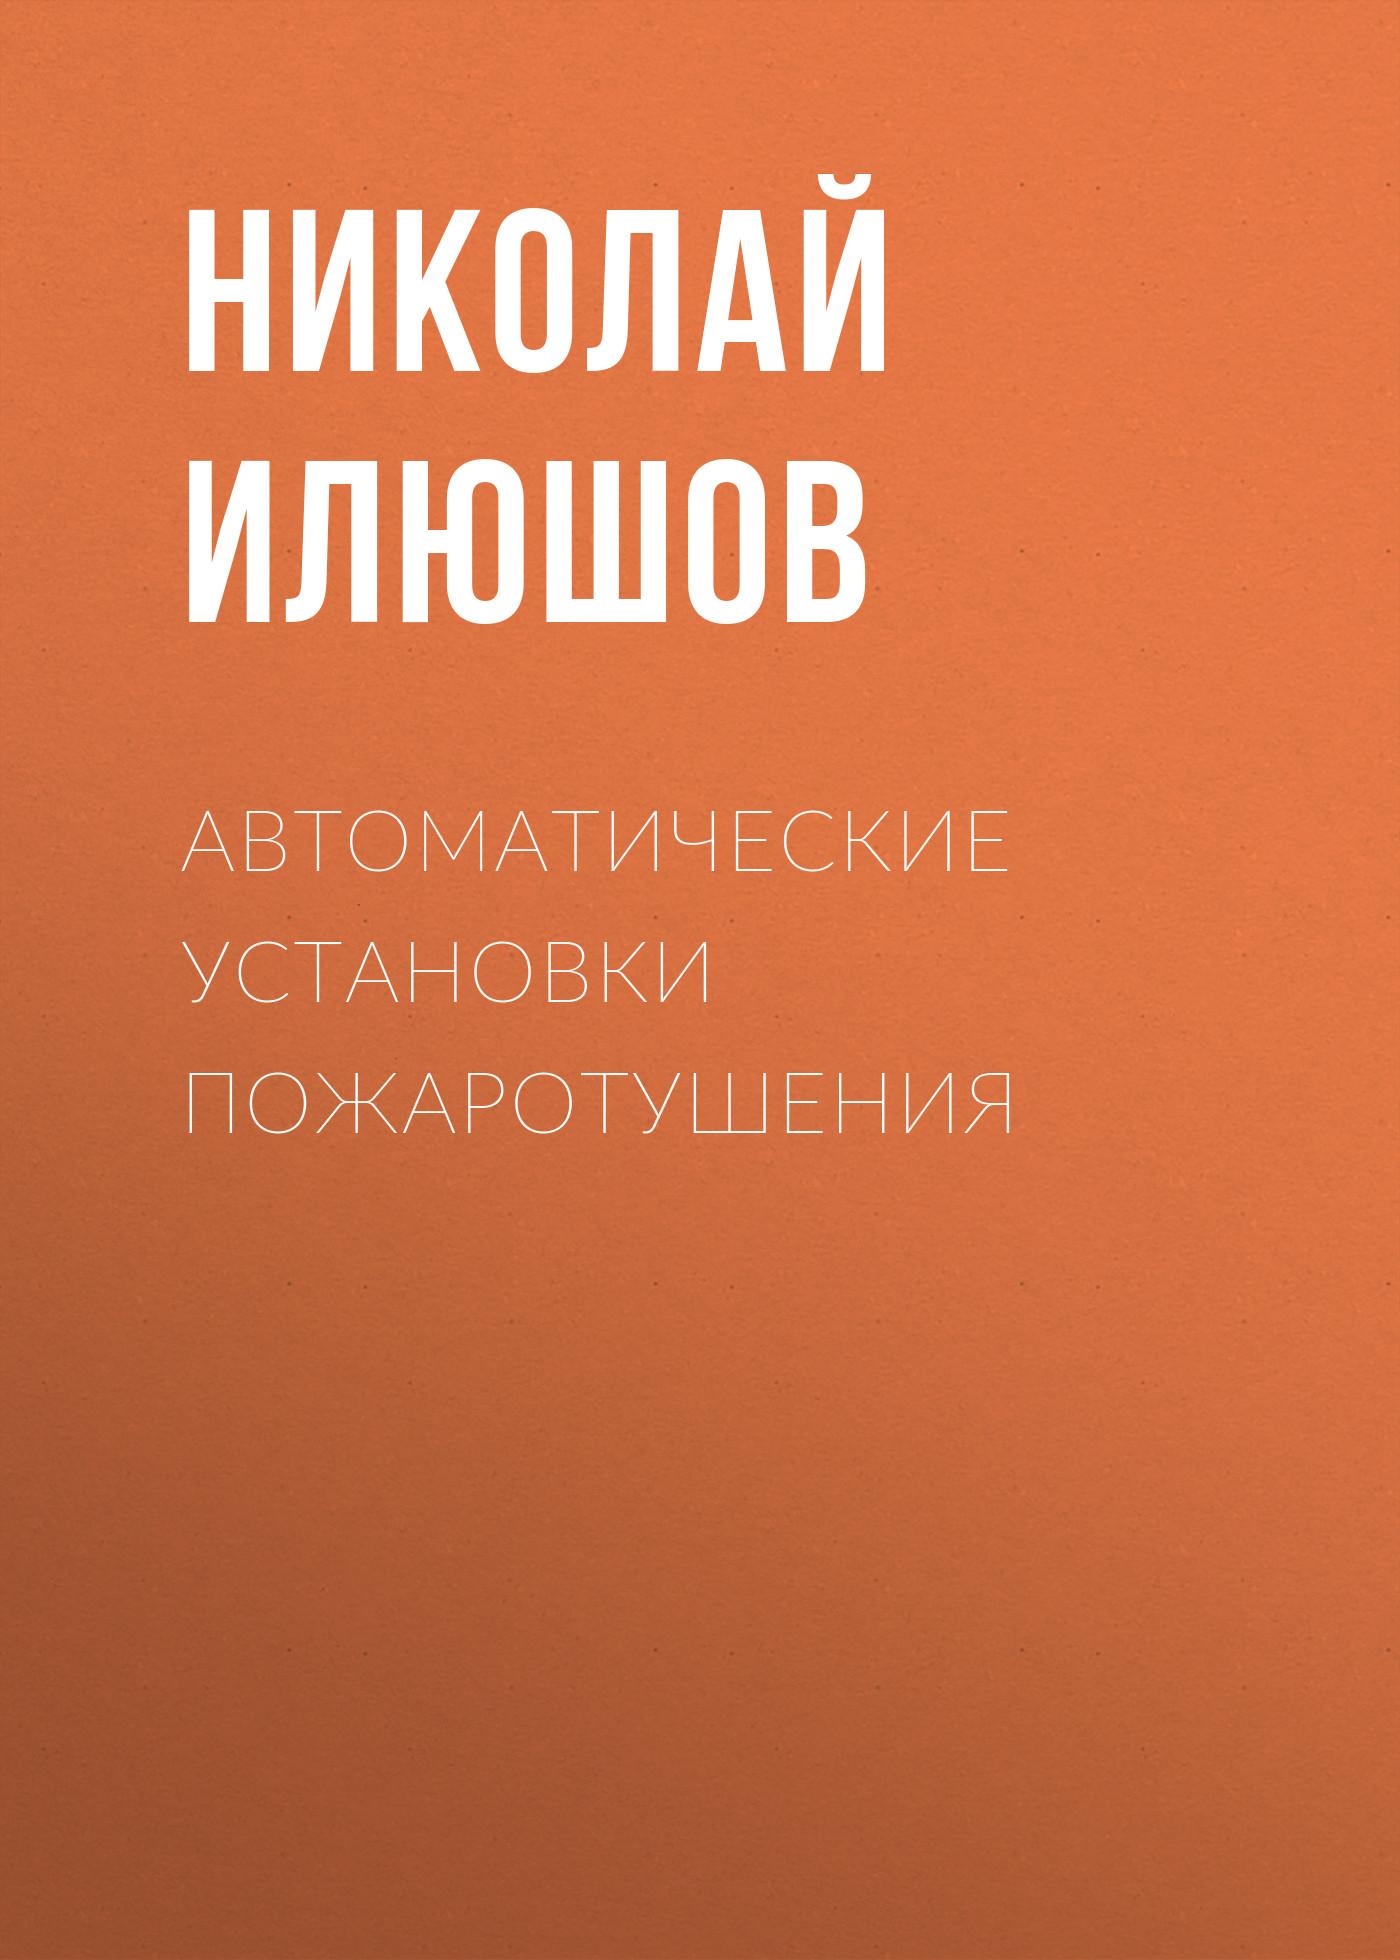 Николай Илюшов Автоматические установки пожаротушения с в собурь установки пожаротушения автоматические